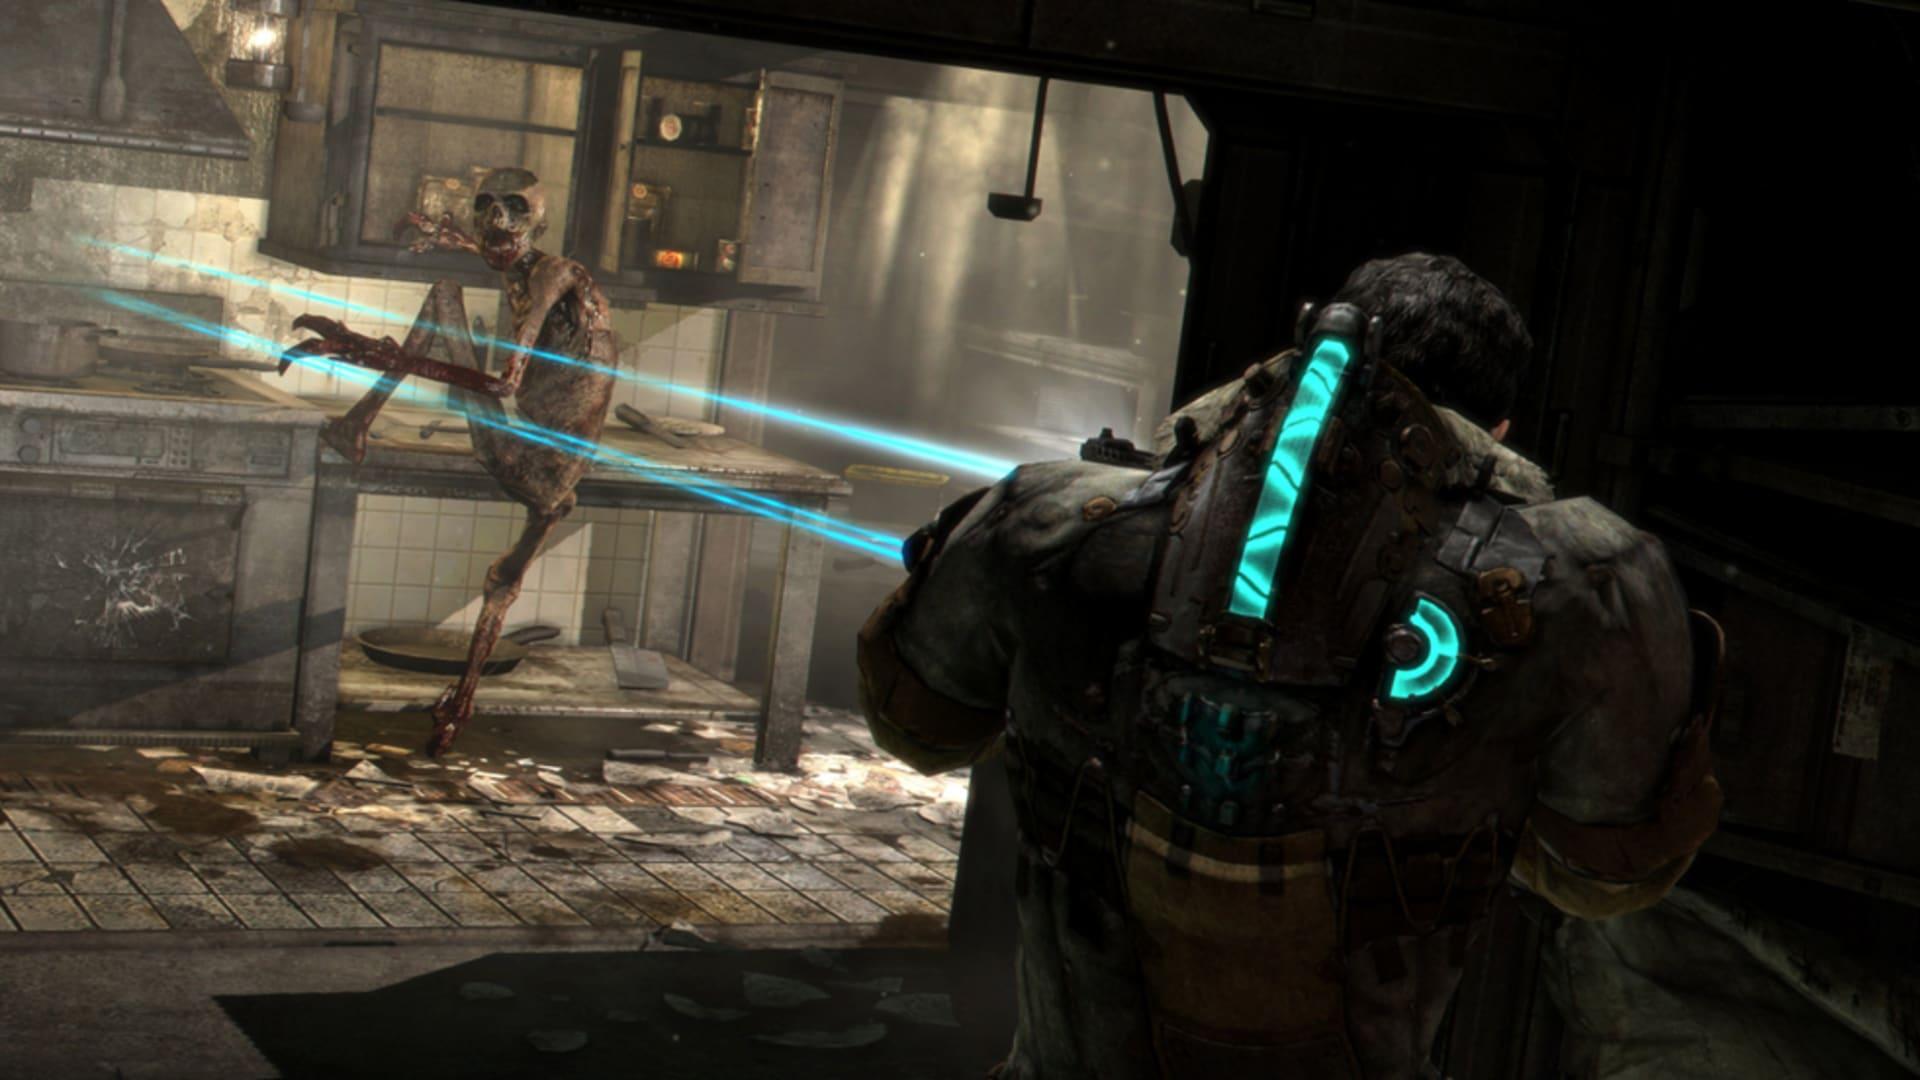 Tänk om … Dead Space 3 hade varit ett skräckspel?